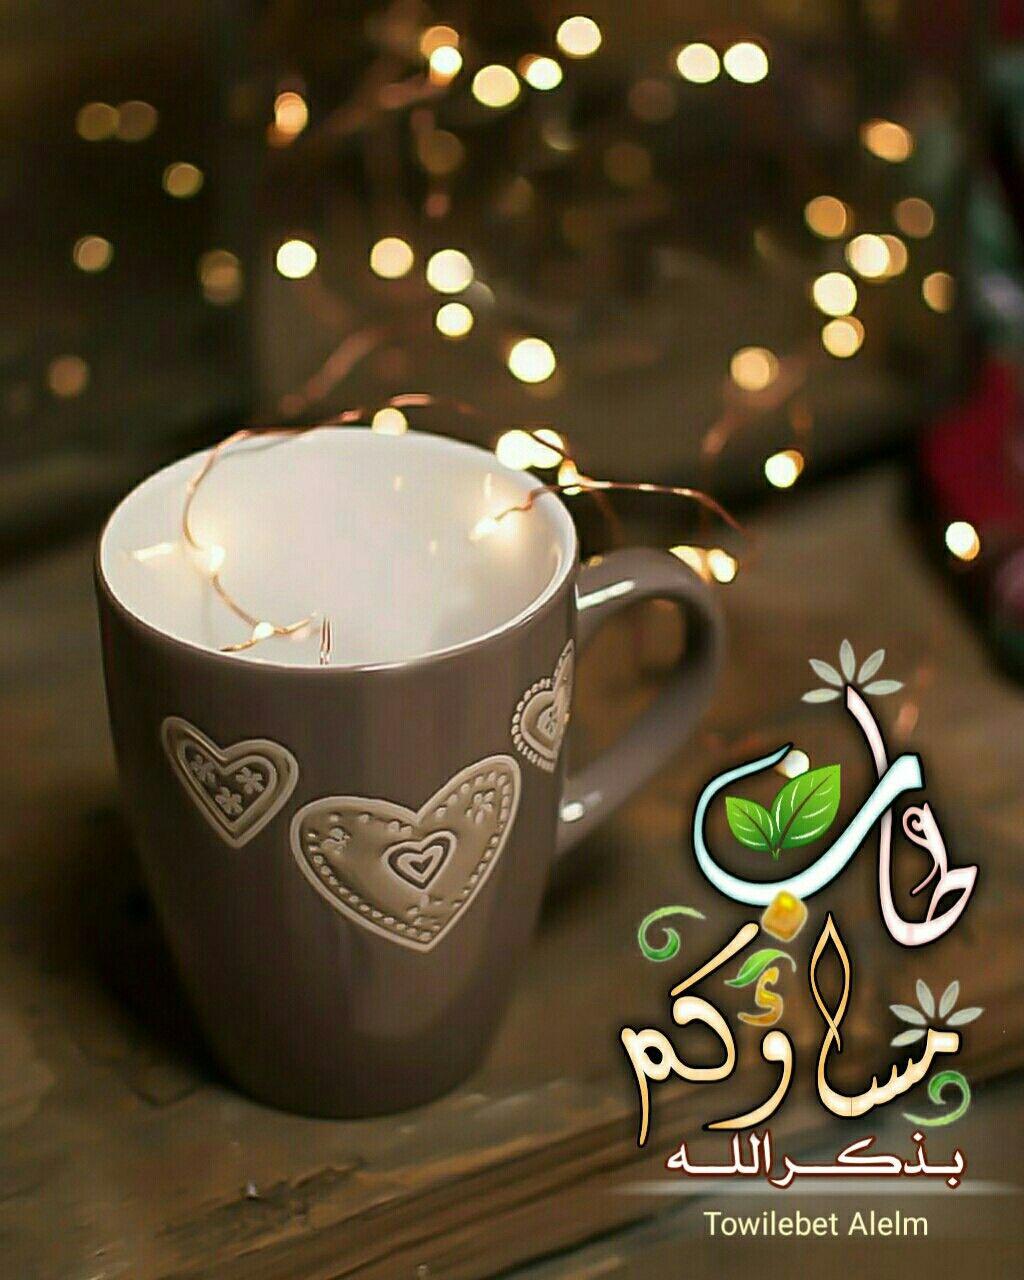 همسة المساء من السعادة أن تملك شخصا يجعلك تغفو مبتسم وتفيق مبتسم وما بين الإبتسامة الأولى والثانية ر Good Morning Arabic Cool Words Glassware